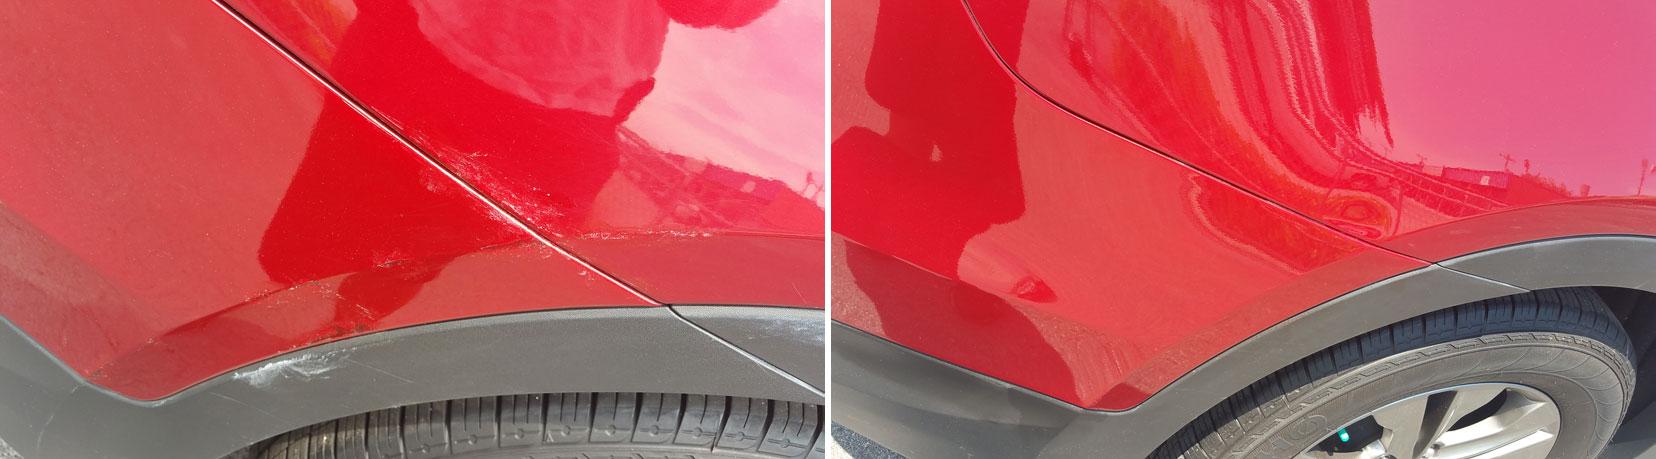 Dodge-Paint-Abrasion-Repair-Palm-Beach,-FL